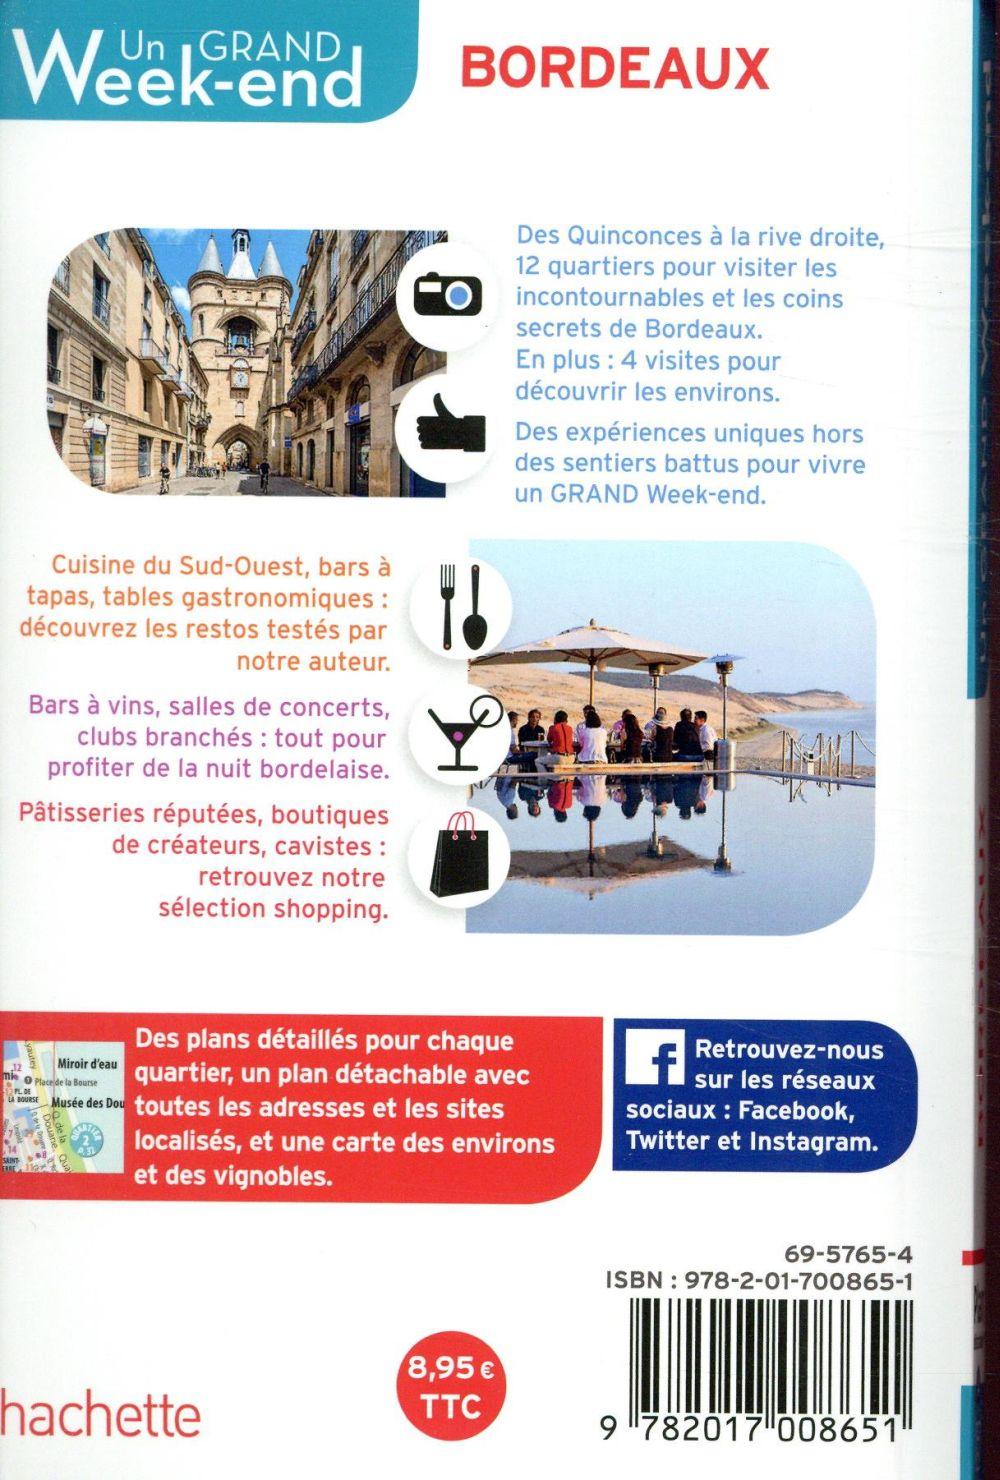 un grand week-end ; à Bordeaux